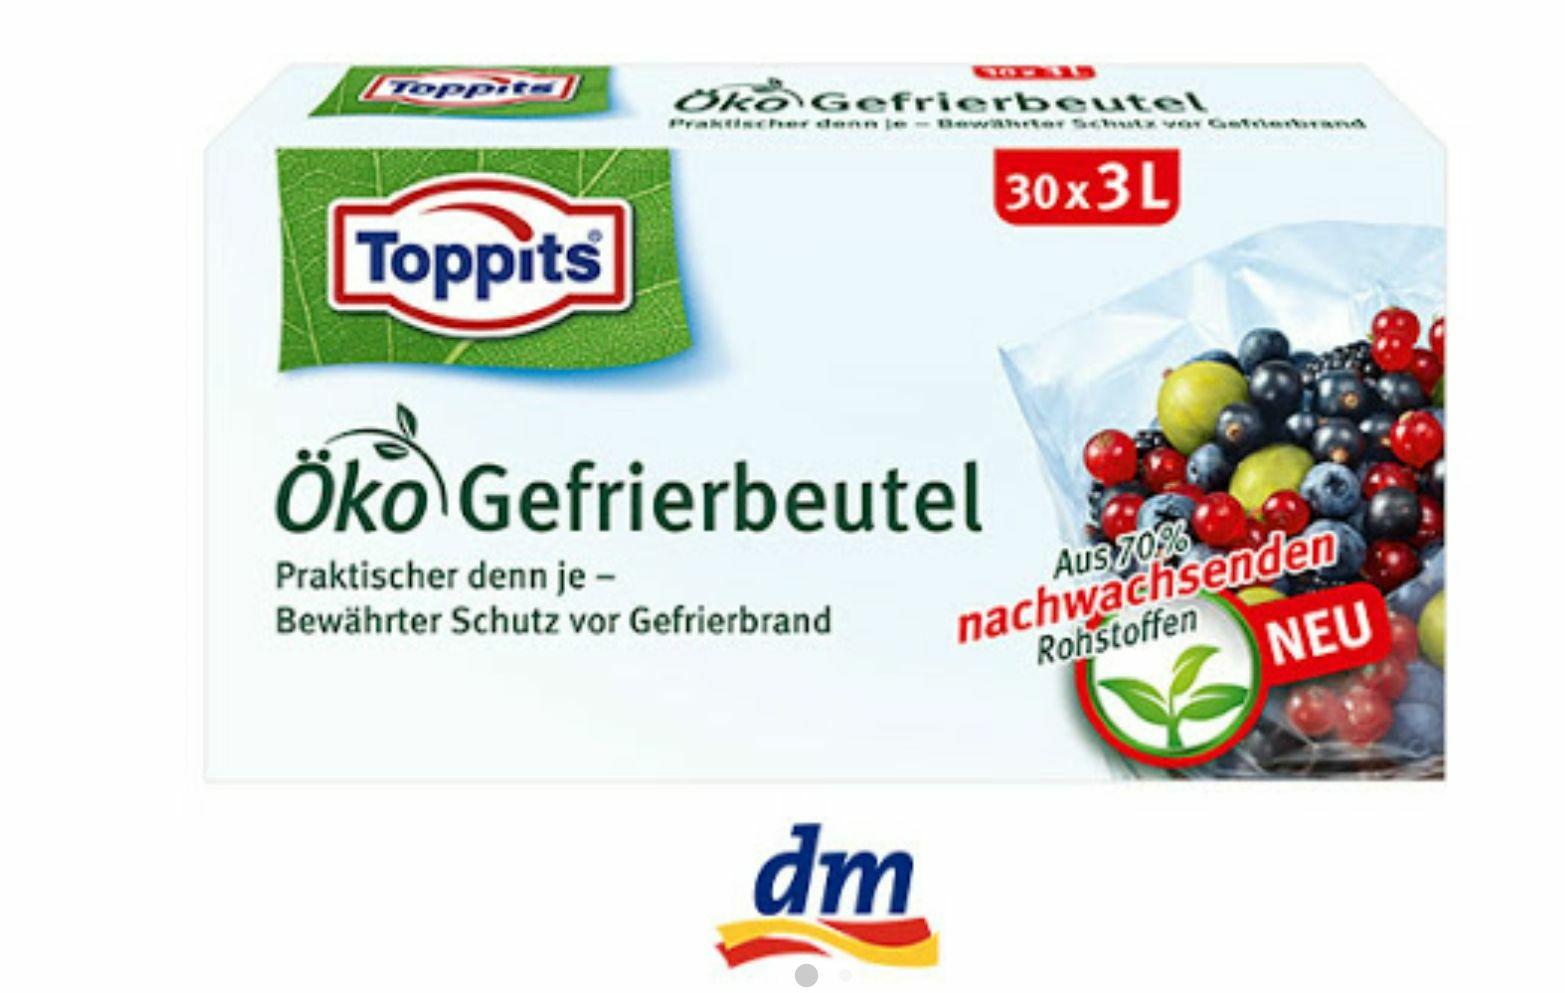 Toppits Öko Gefrierbeutel mit bis zu 0,35€ Gewinn bei DM mit Cashback über Scondoo, Marktguru und Payback